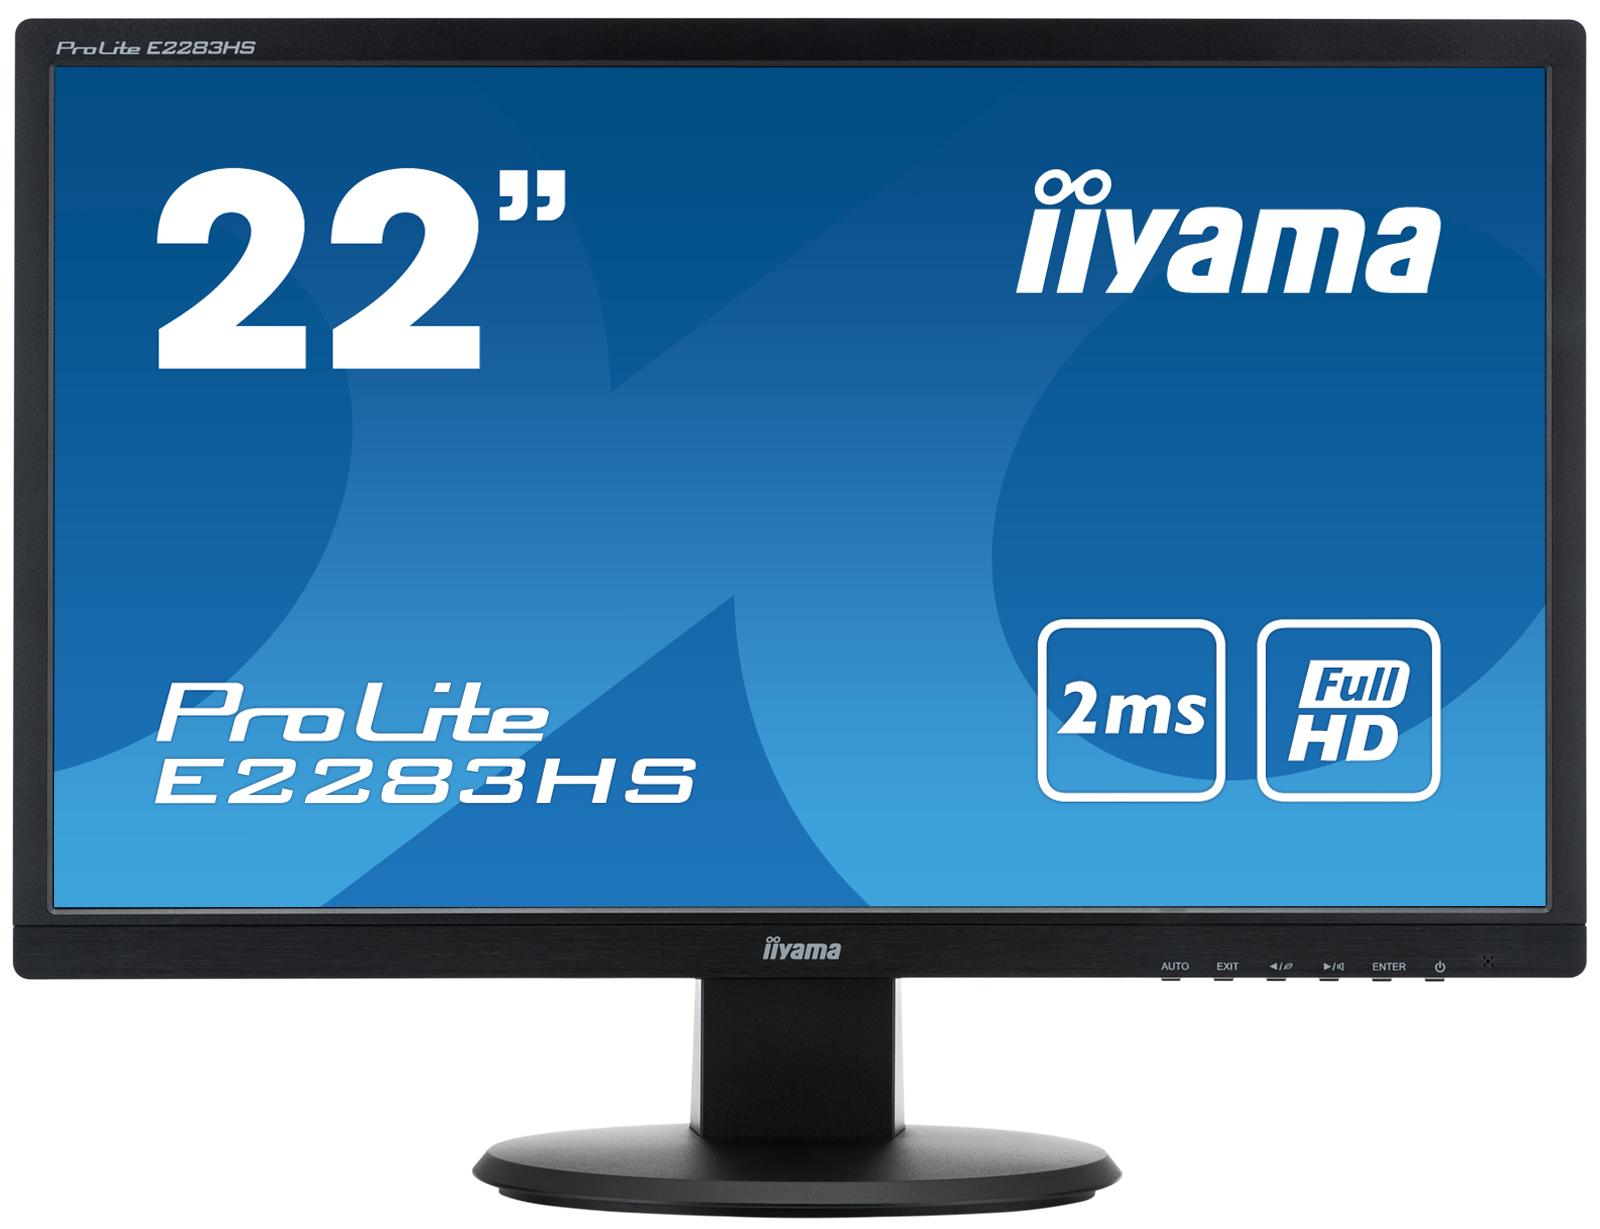 """22""""LCD iiyama E2283HS-B1 - 1ms, 250cd/m2, FullHD, 1000:1 (12M:1 ACR), VGA, HDMI, DVI, repro, černý"""